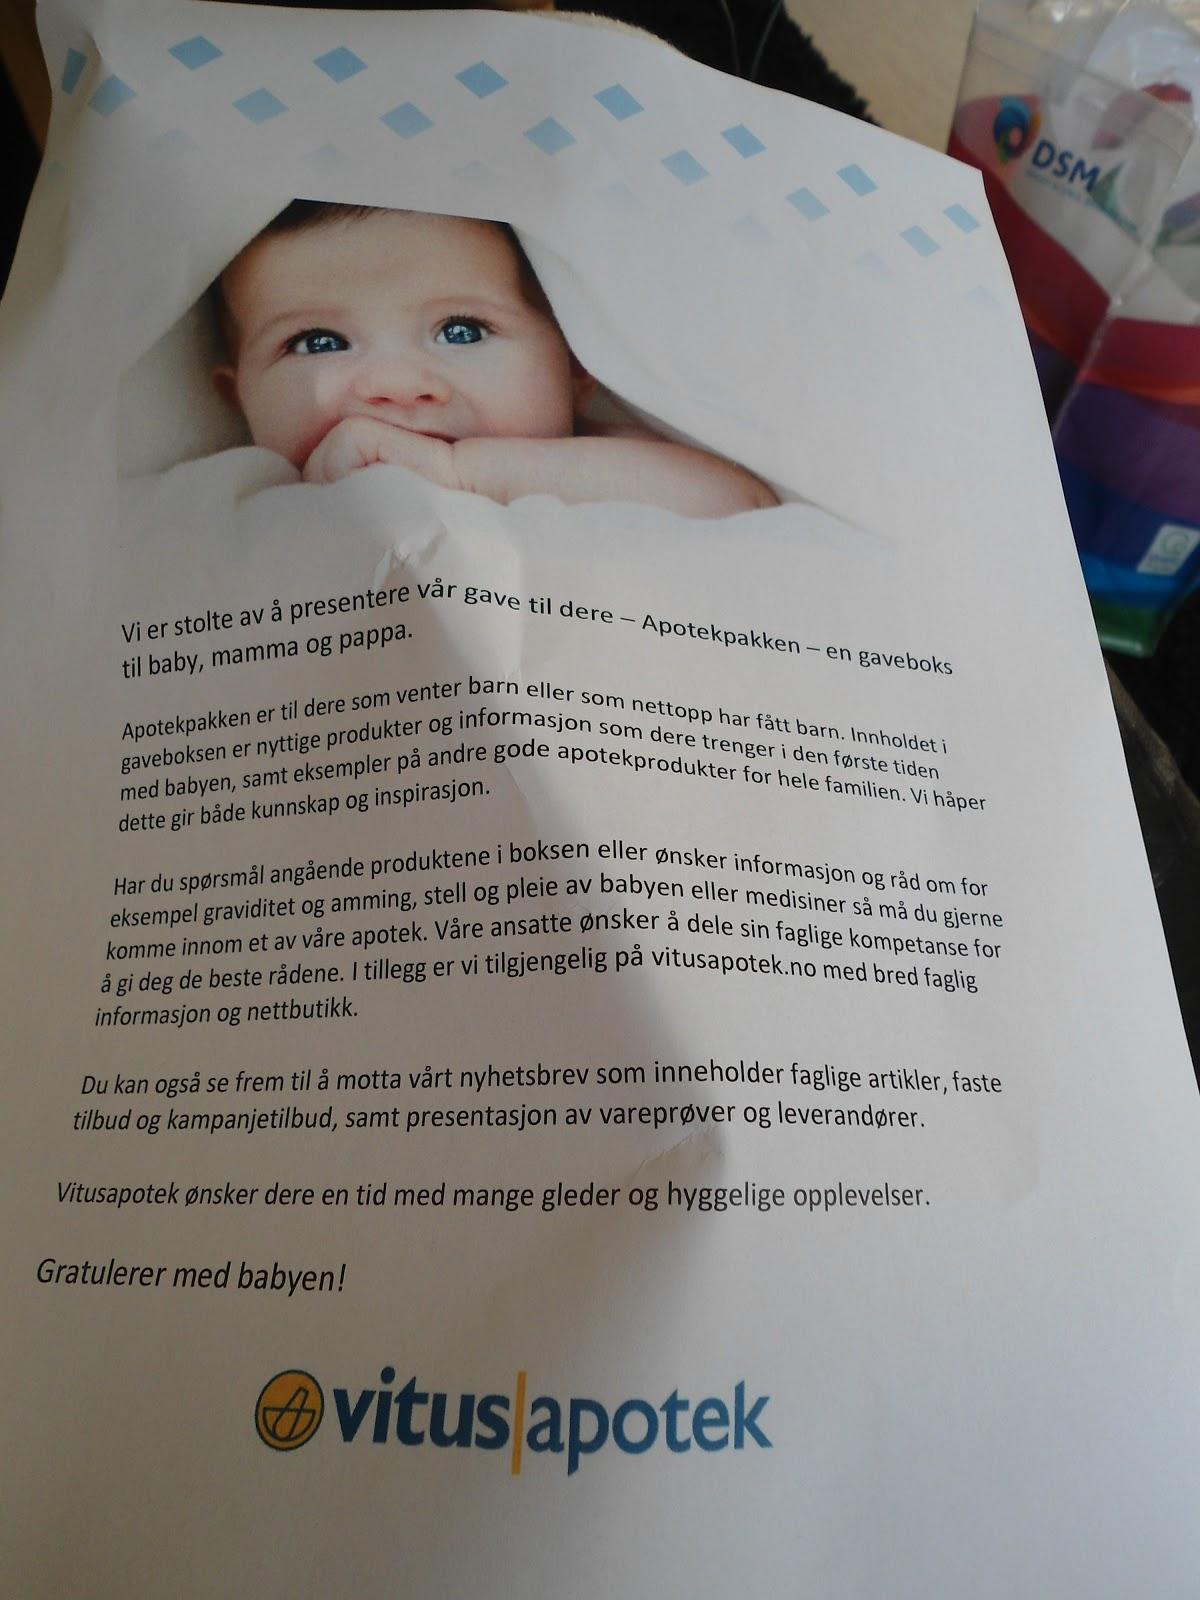 vitus apotek gratis baby pakke